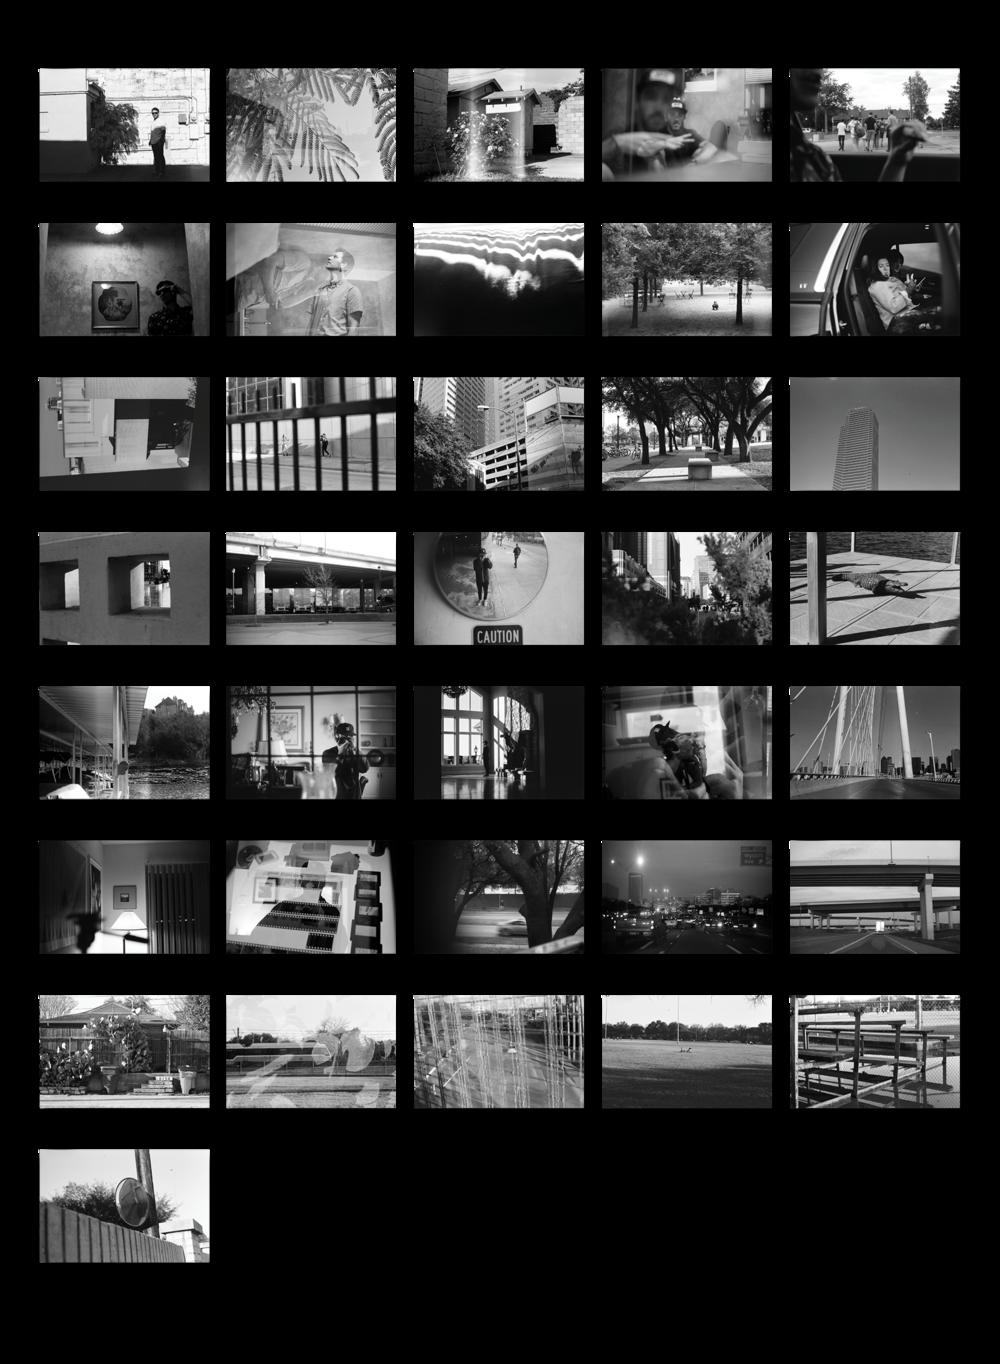 film_grid_0001.png